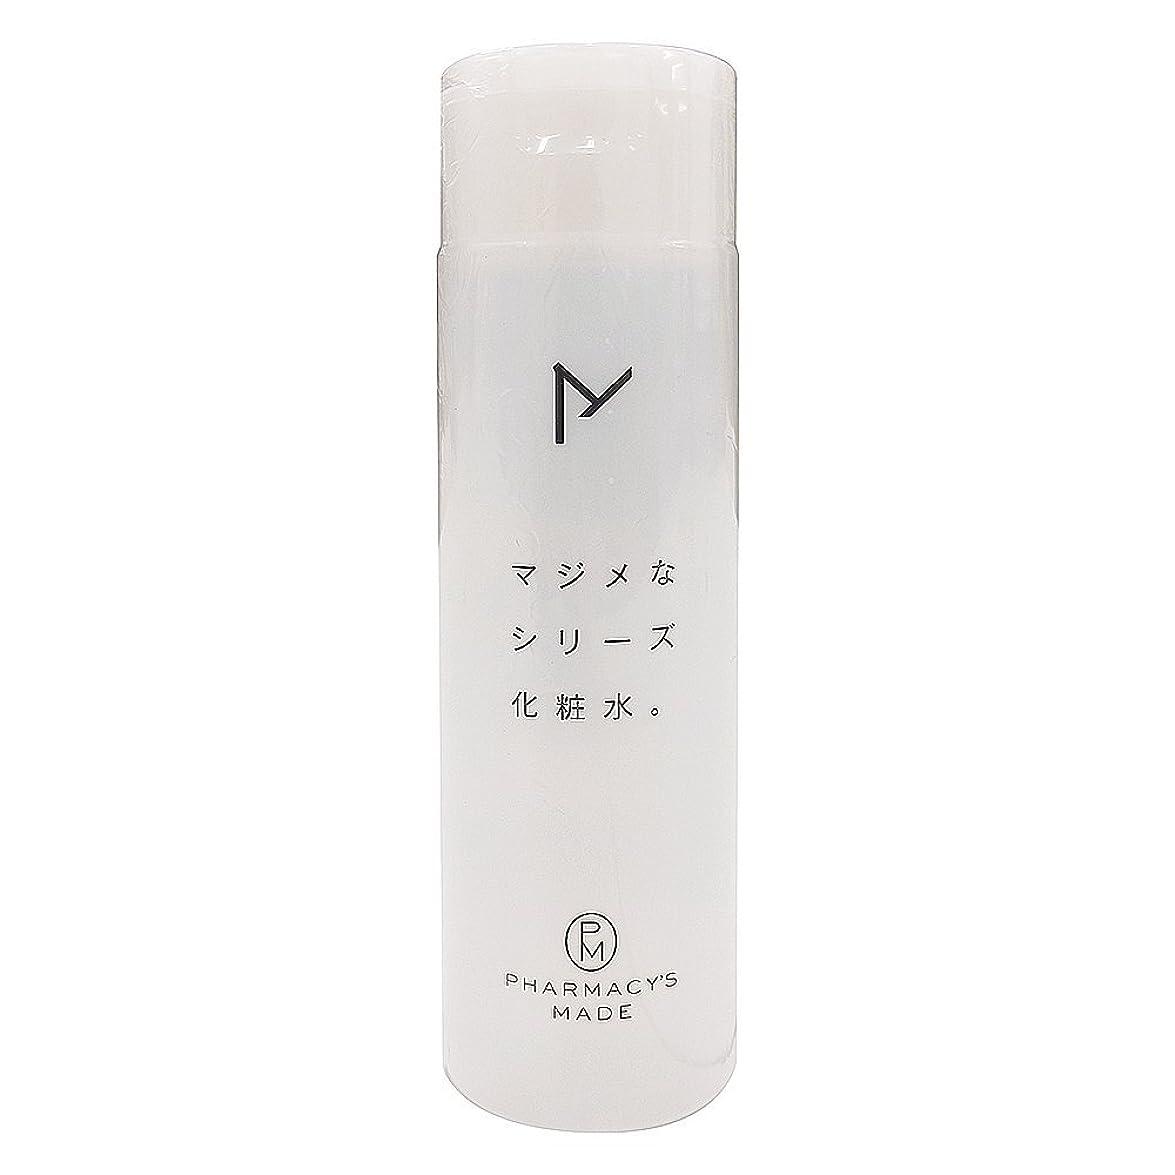 たるみホールメタン水橋保寿堂製薬 マジメなシリーズ化粧水。 200ml